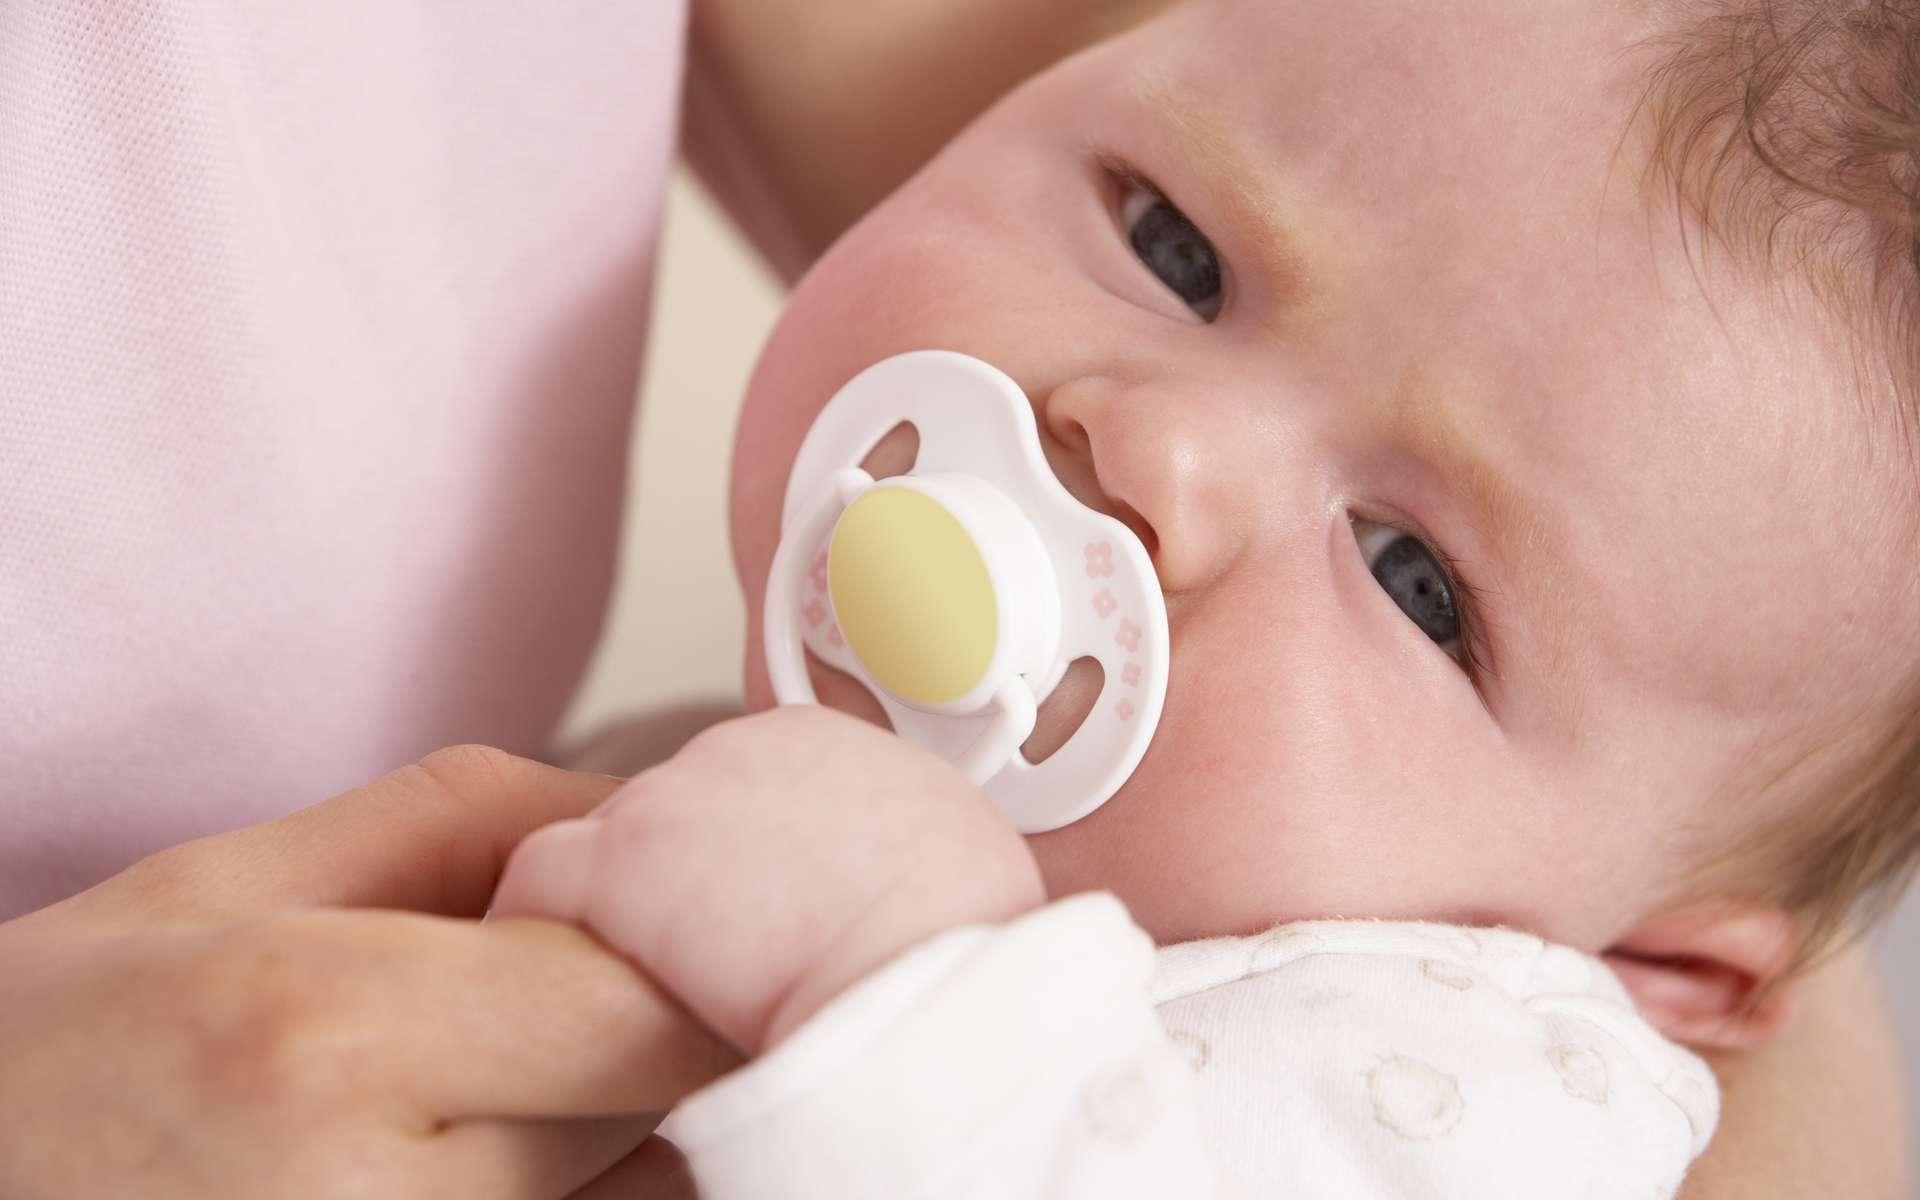 L'épispadias touche un enfant sur 30.000 à 100.000. © Phovoir